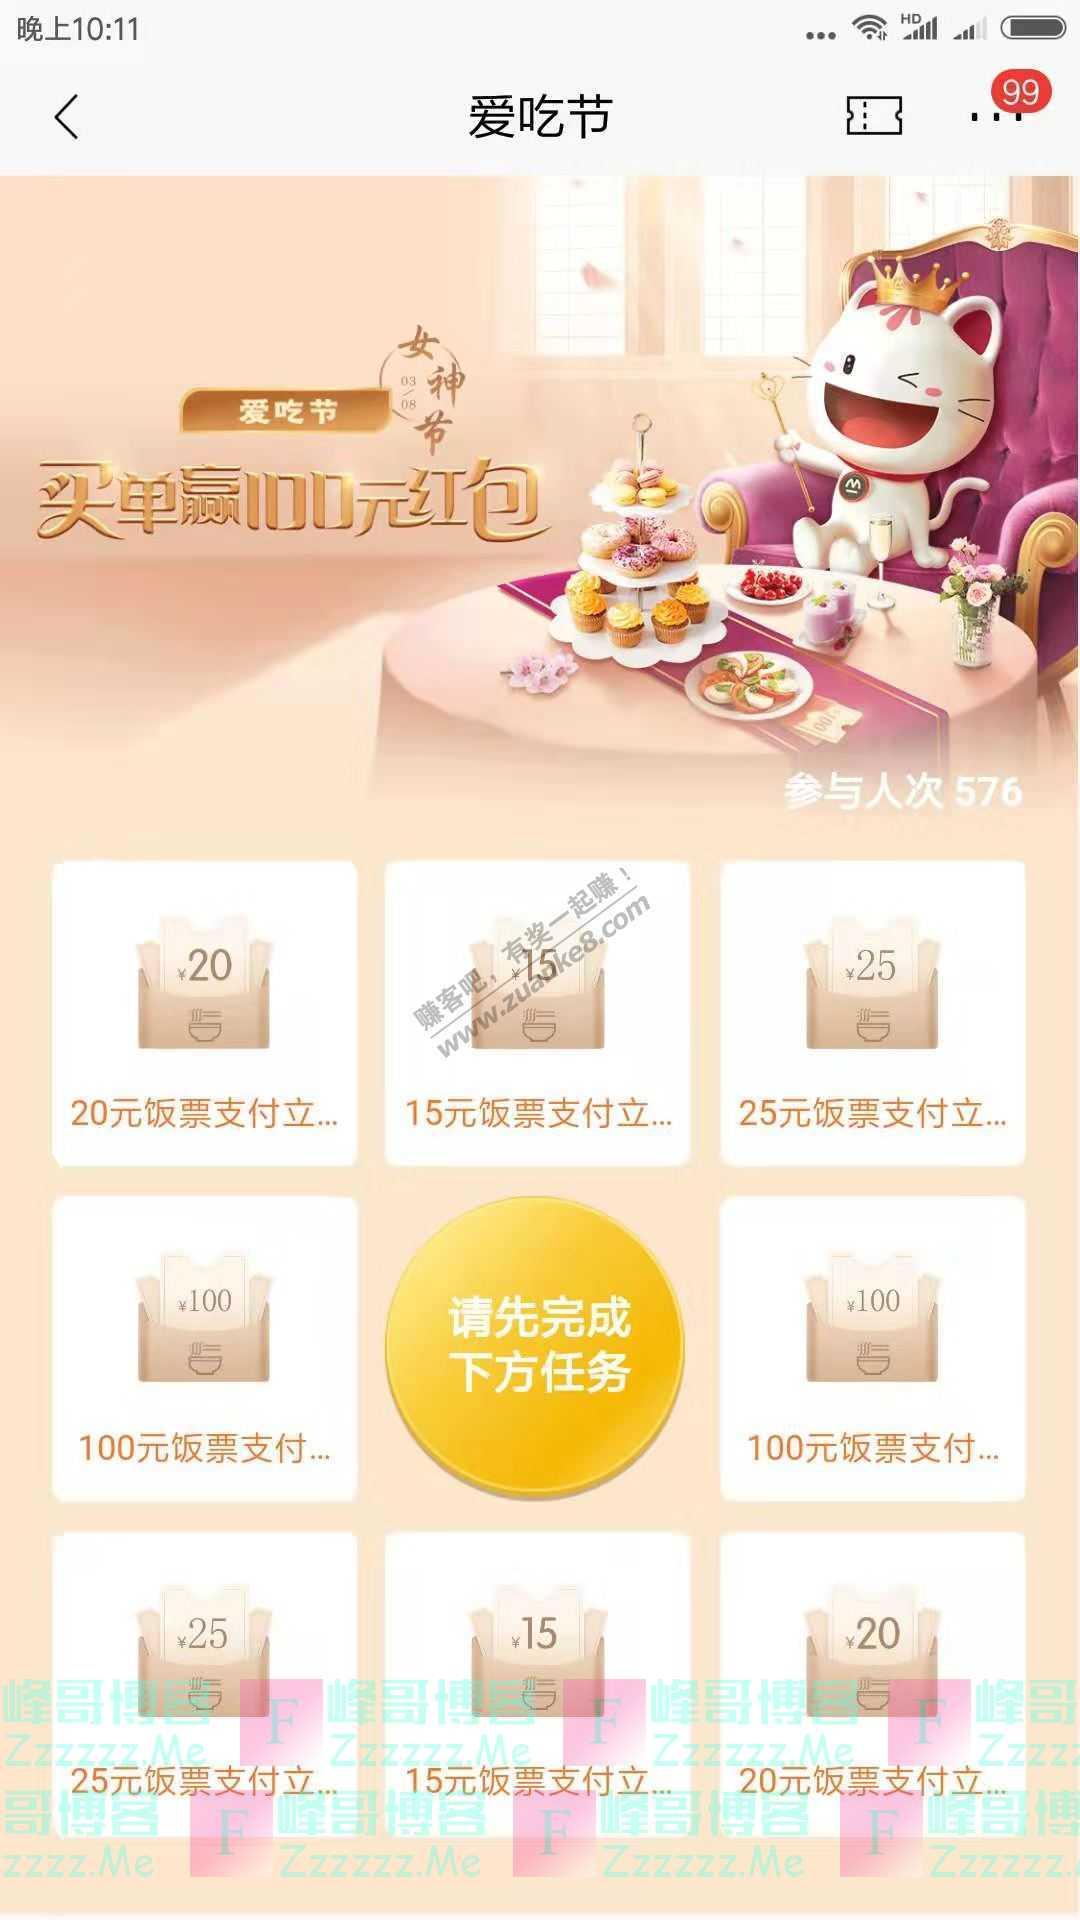 招商银行app买单赢100元红包(截止3月9日)